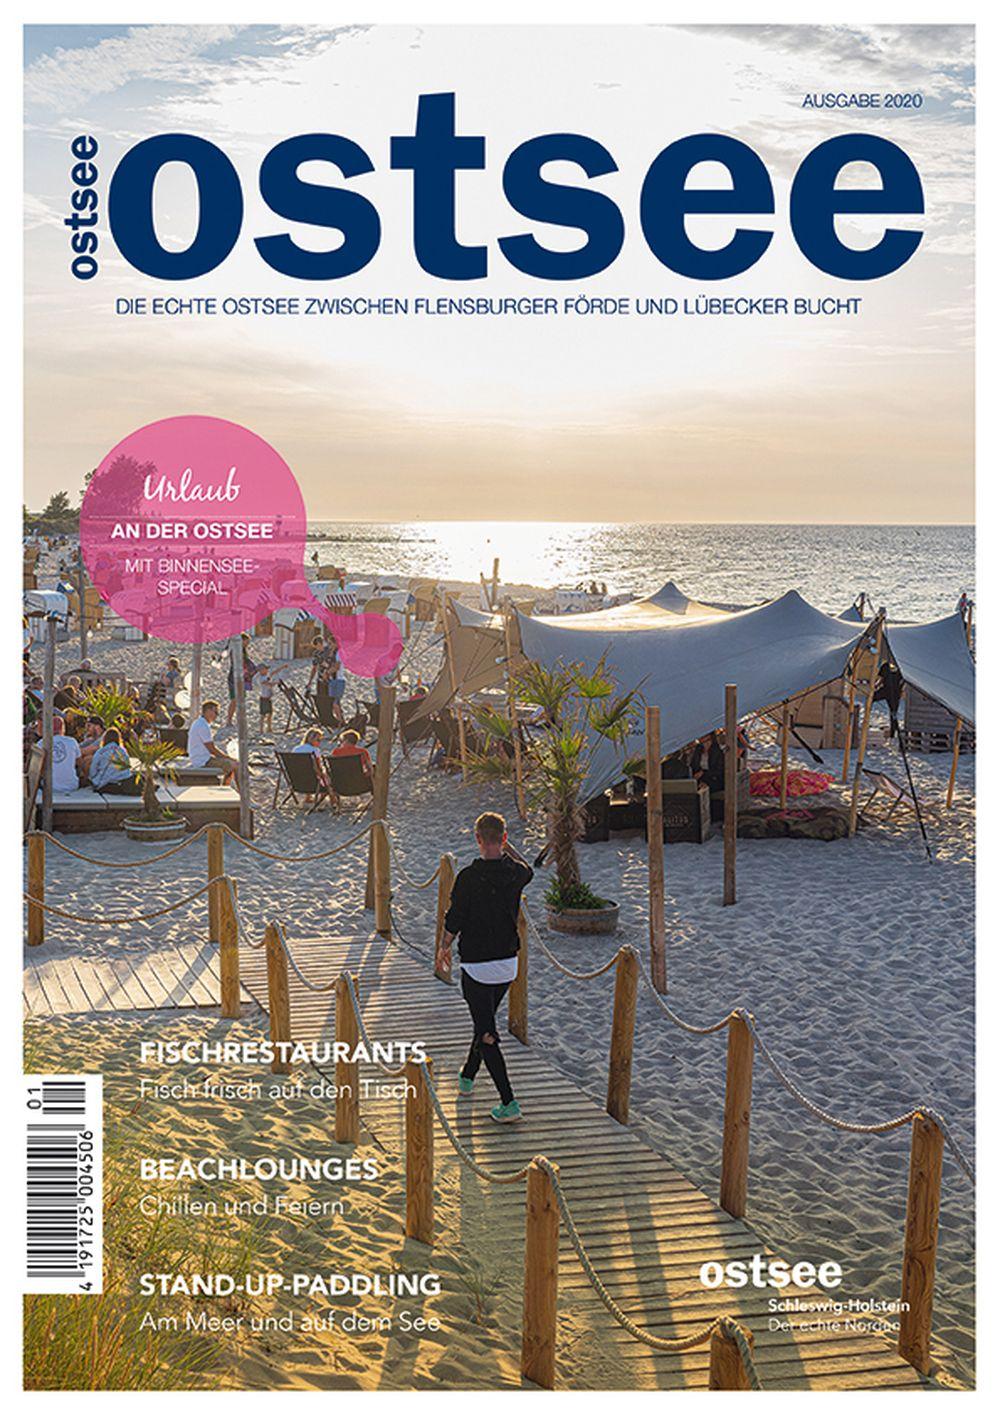 Das neue Ostsee-Magazin 2020